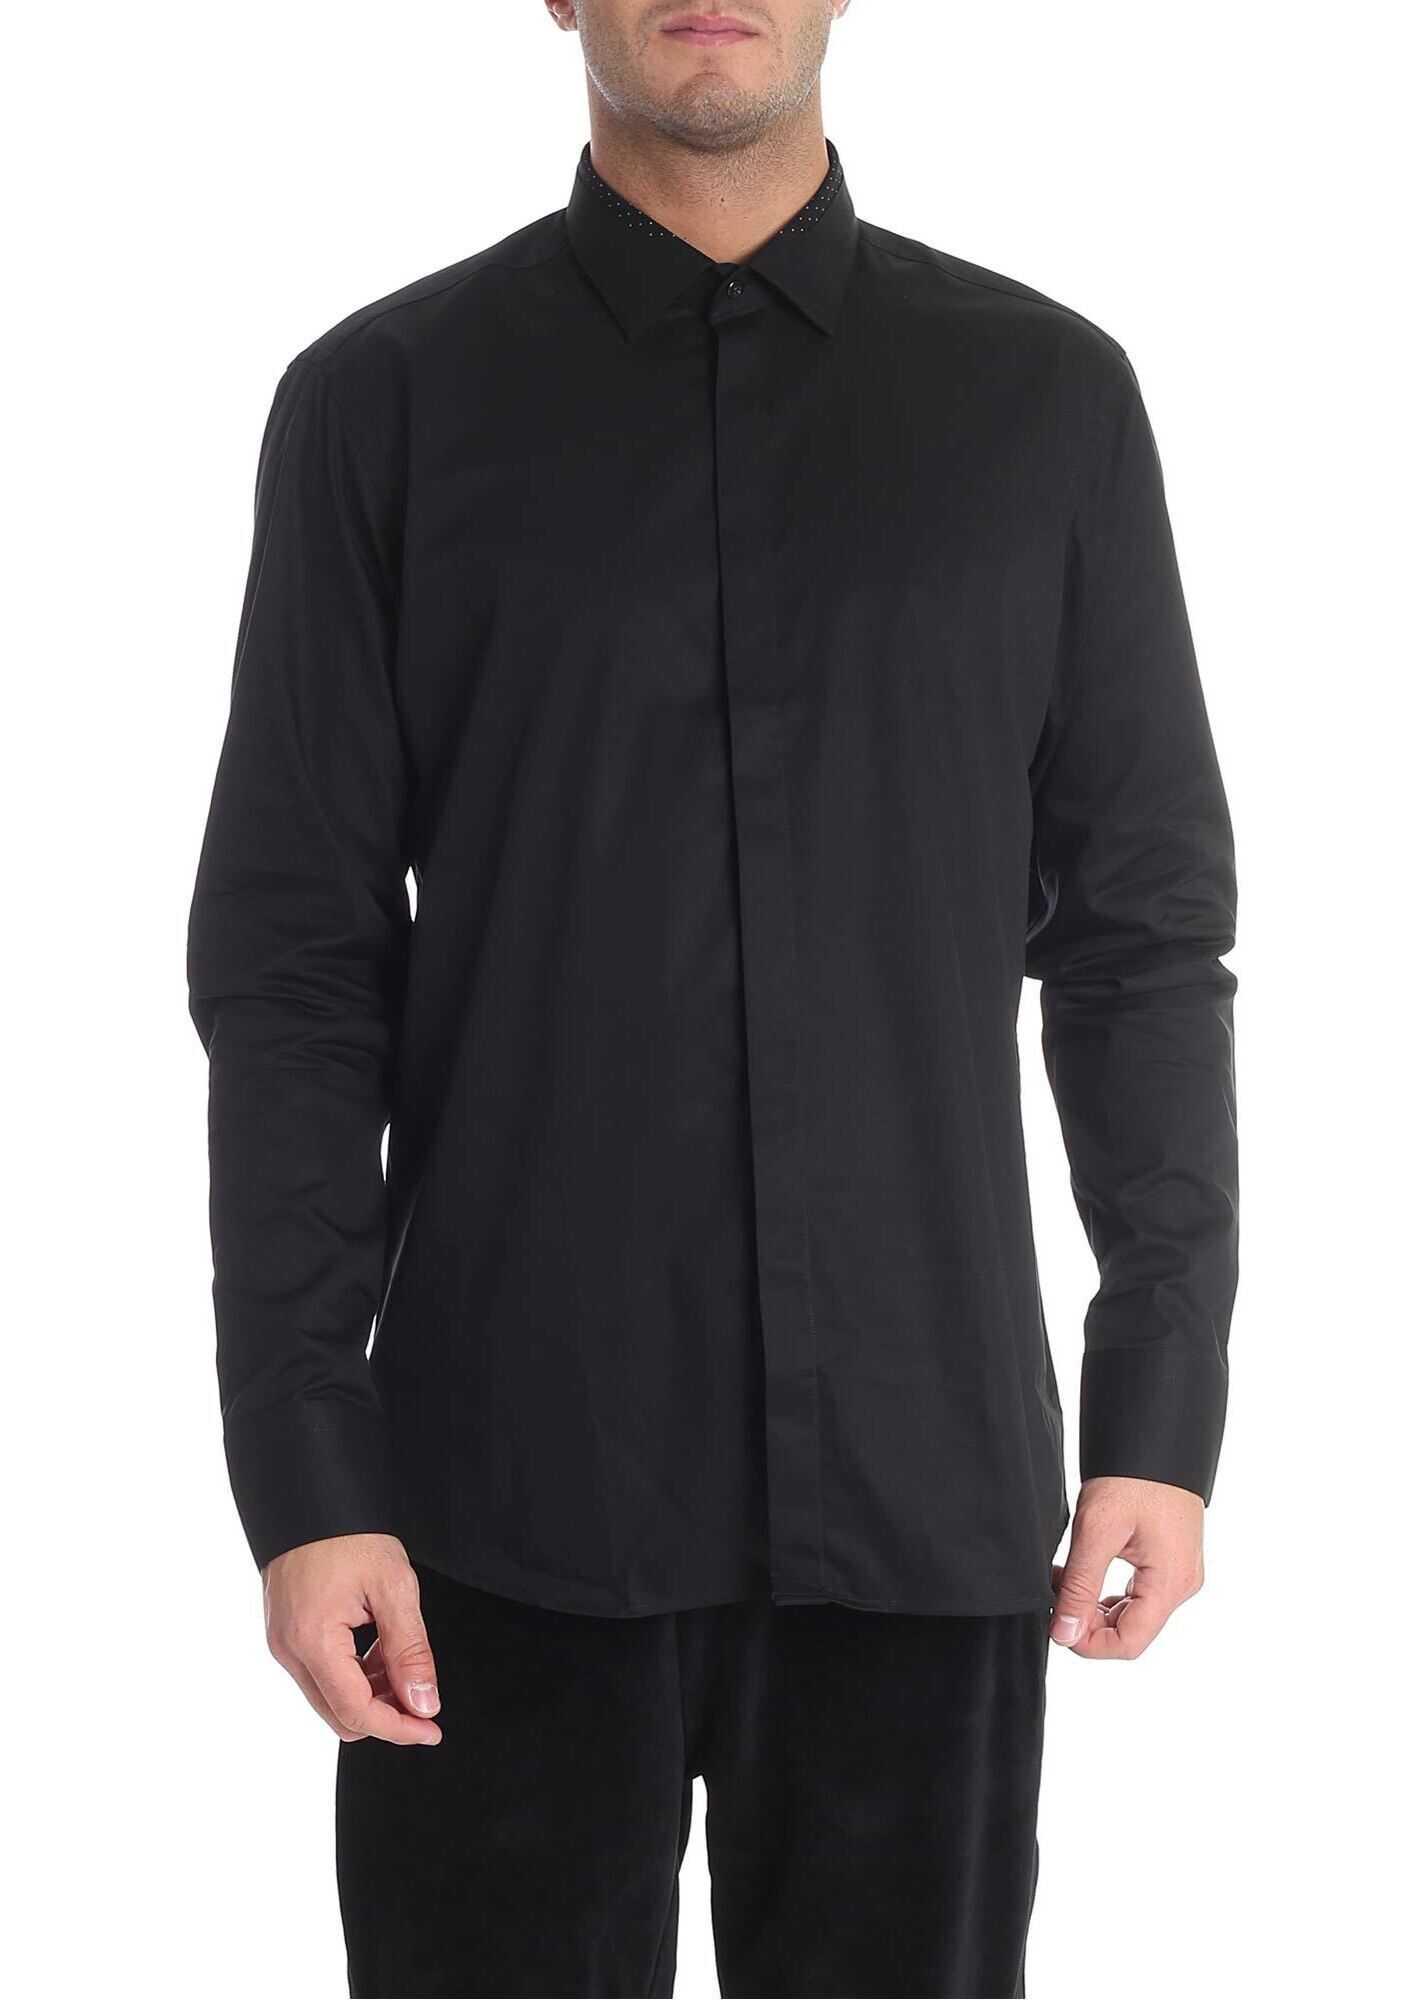 Karl Lagerfeld Black Shirt With Polka Dot Insert Black imagine